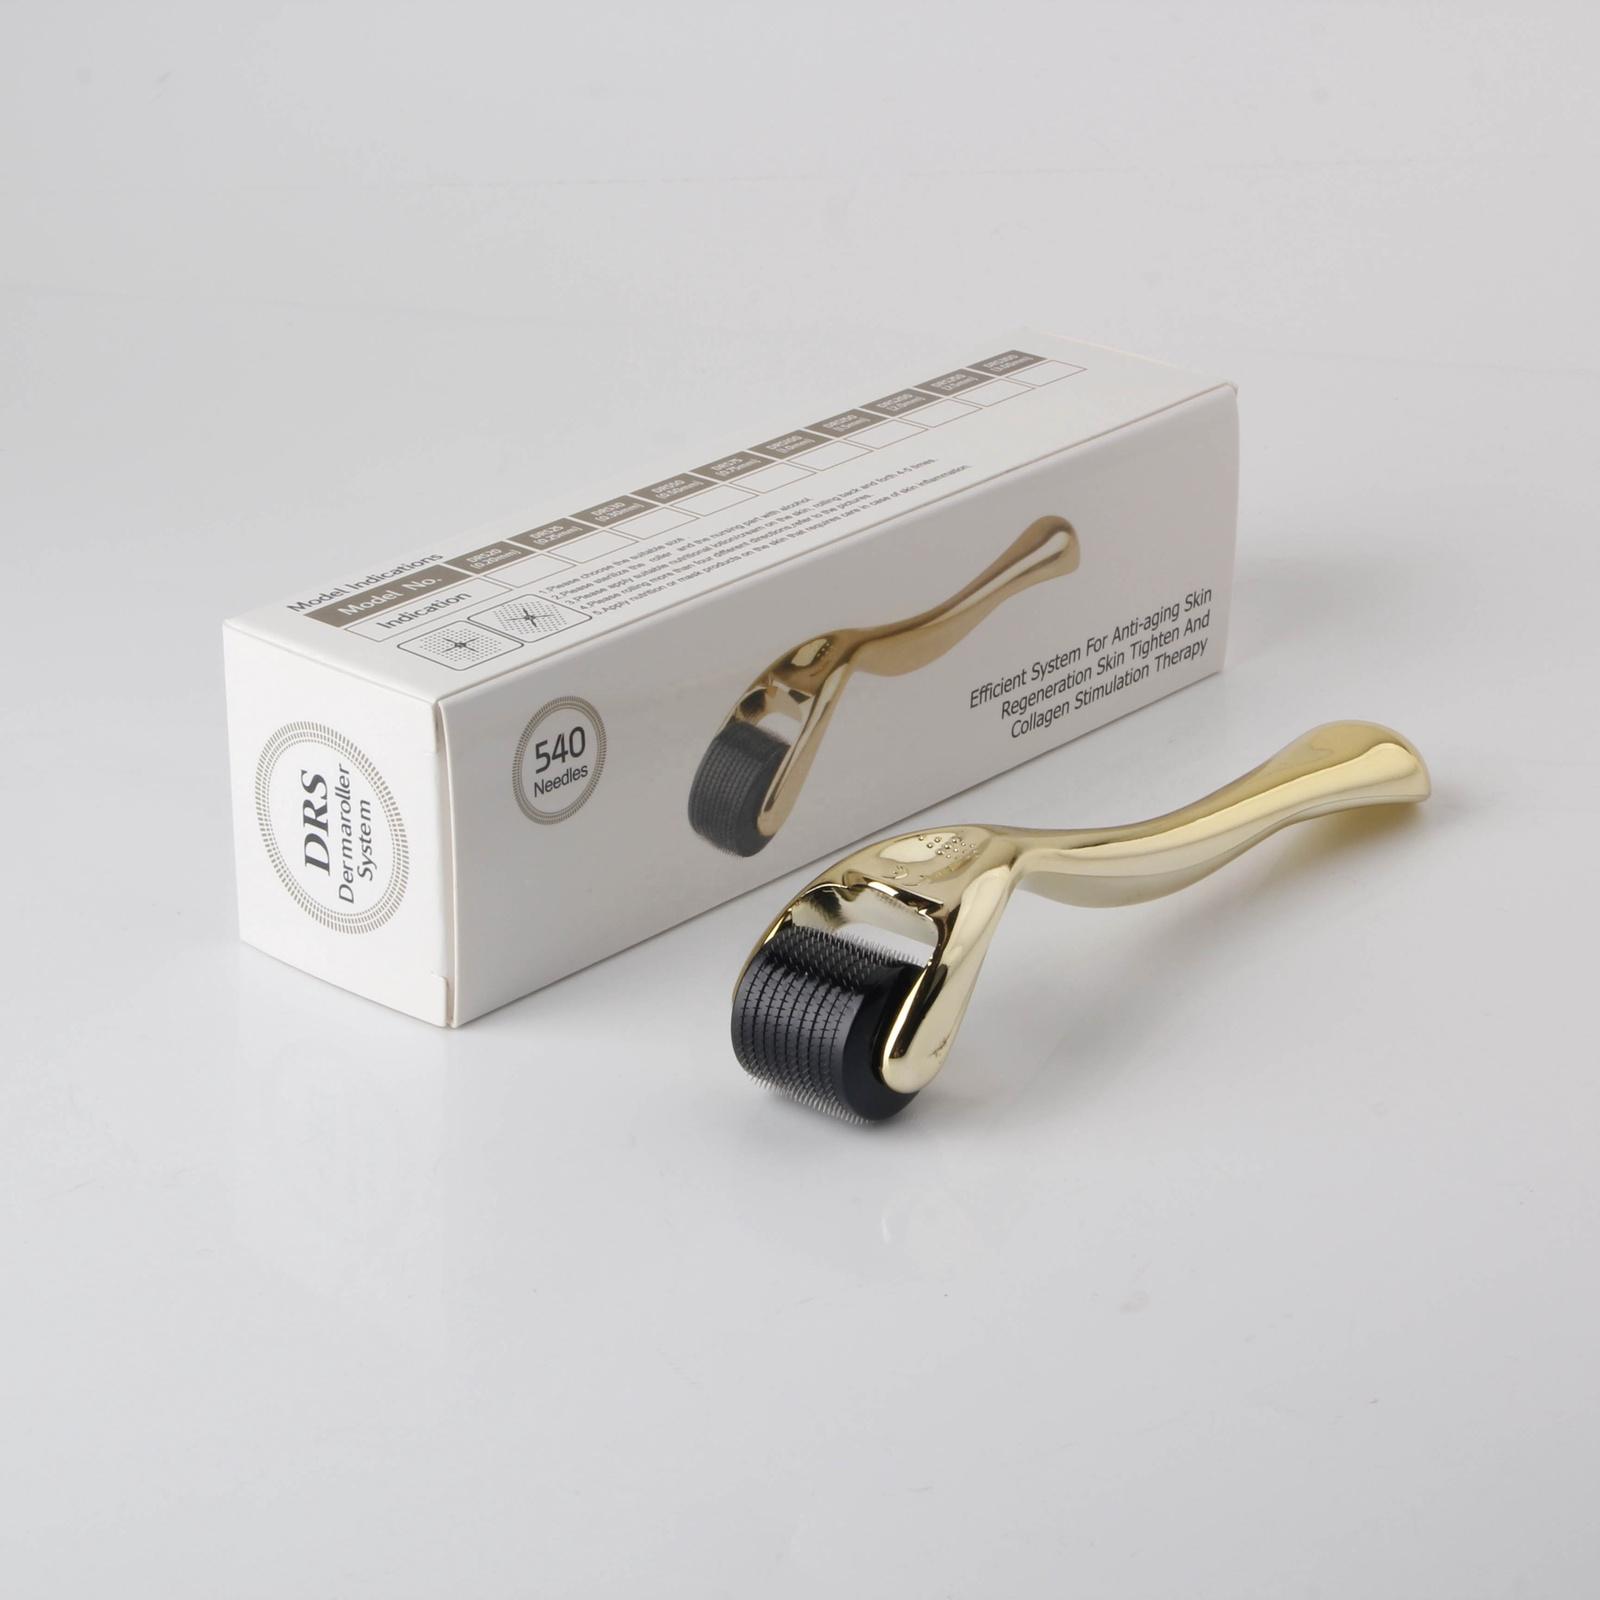 Мезороллер DRS DRS100 540 Gold DermaRoller Золотой 540 игл длиной 1.0 мм МР383